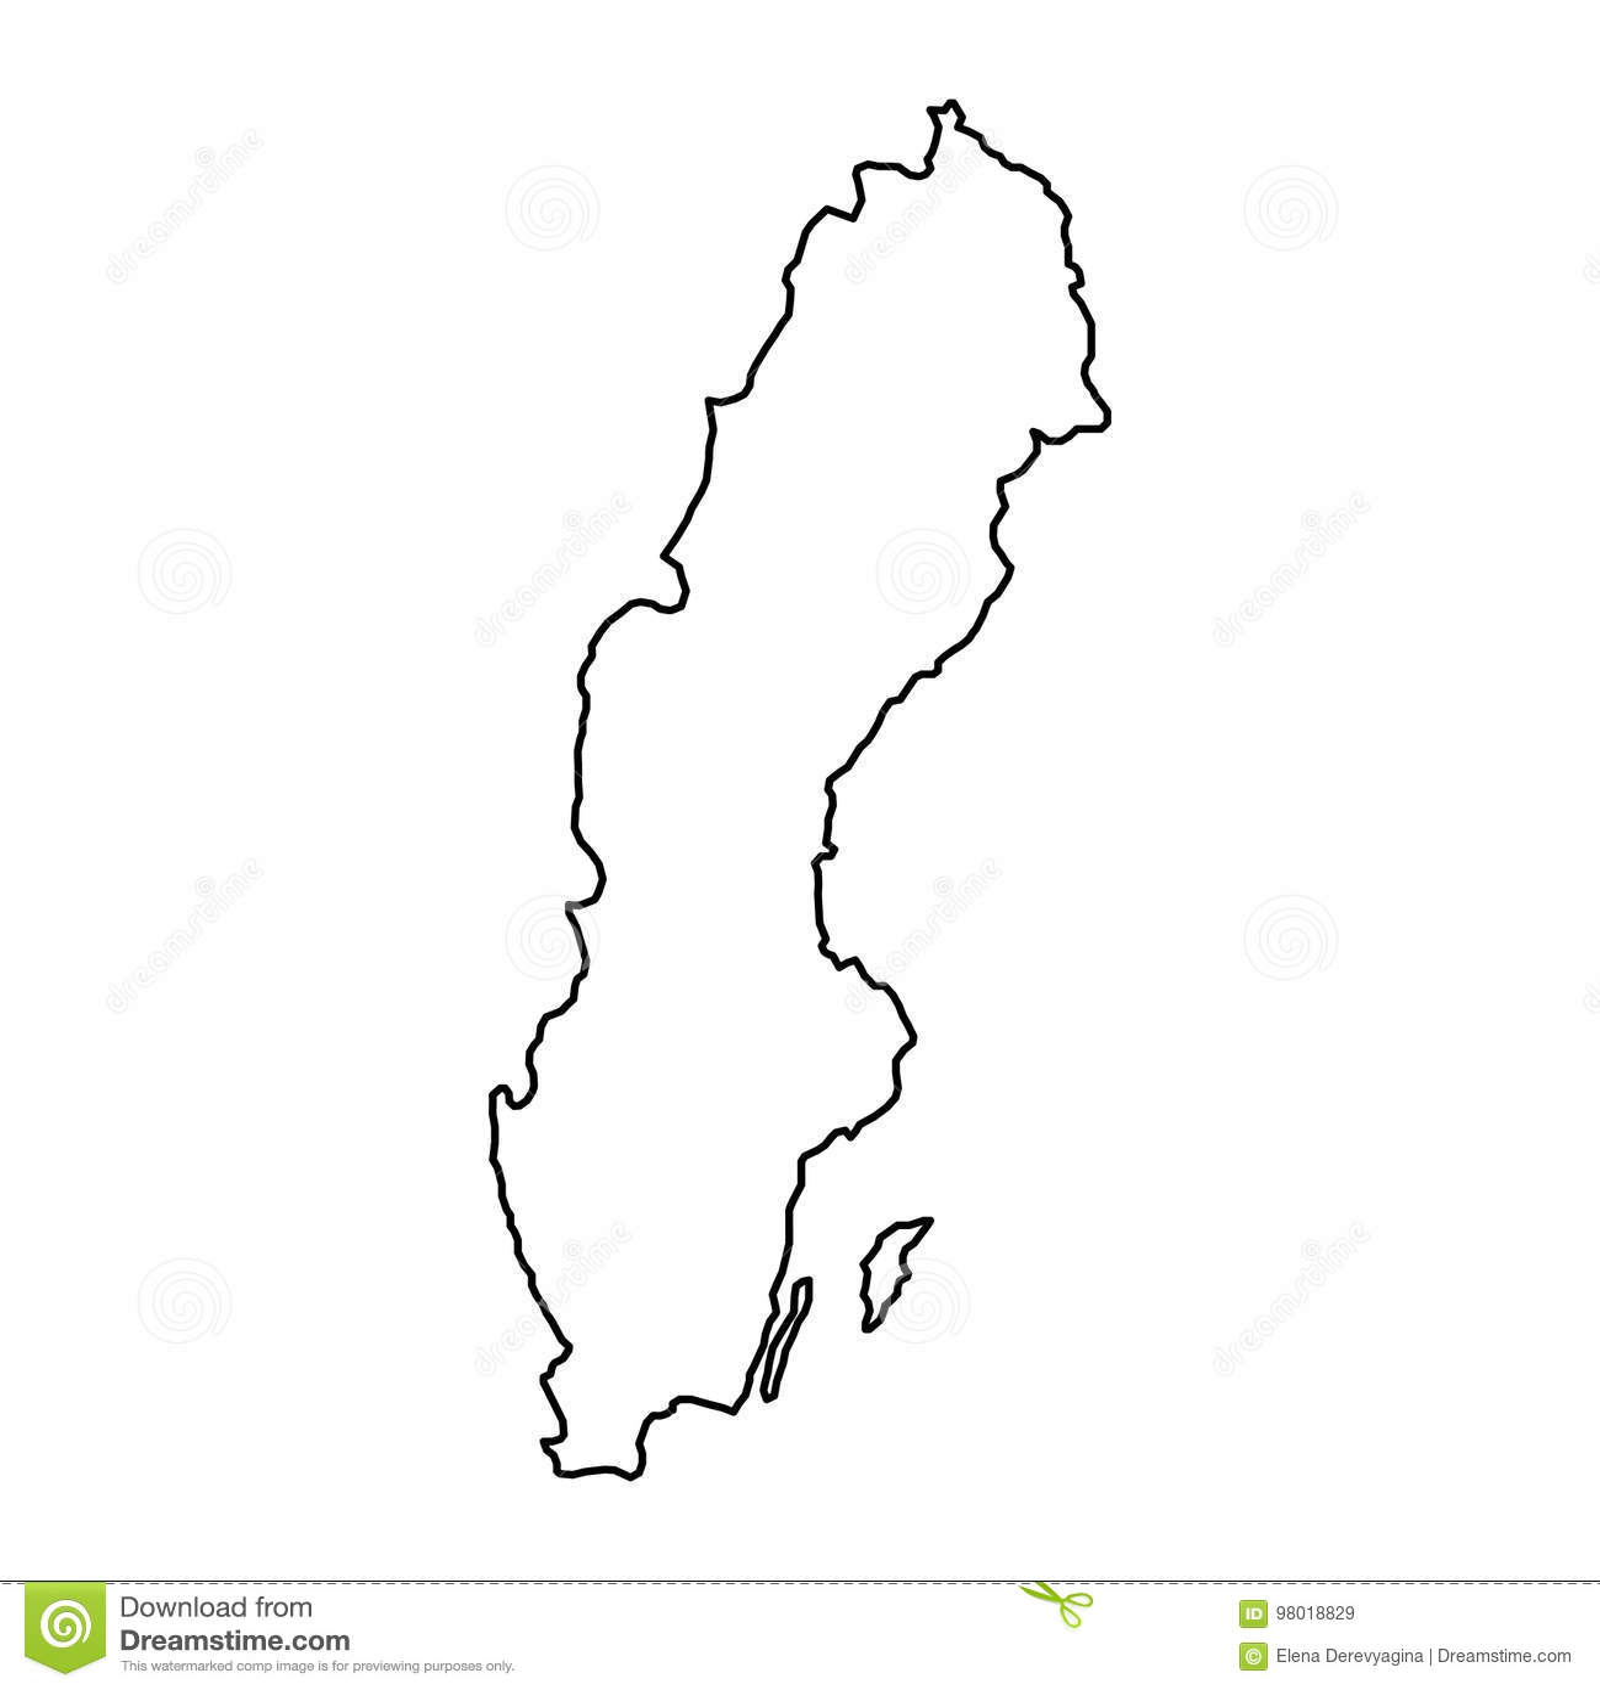 Sverigekarta bild gratis